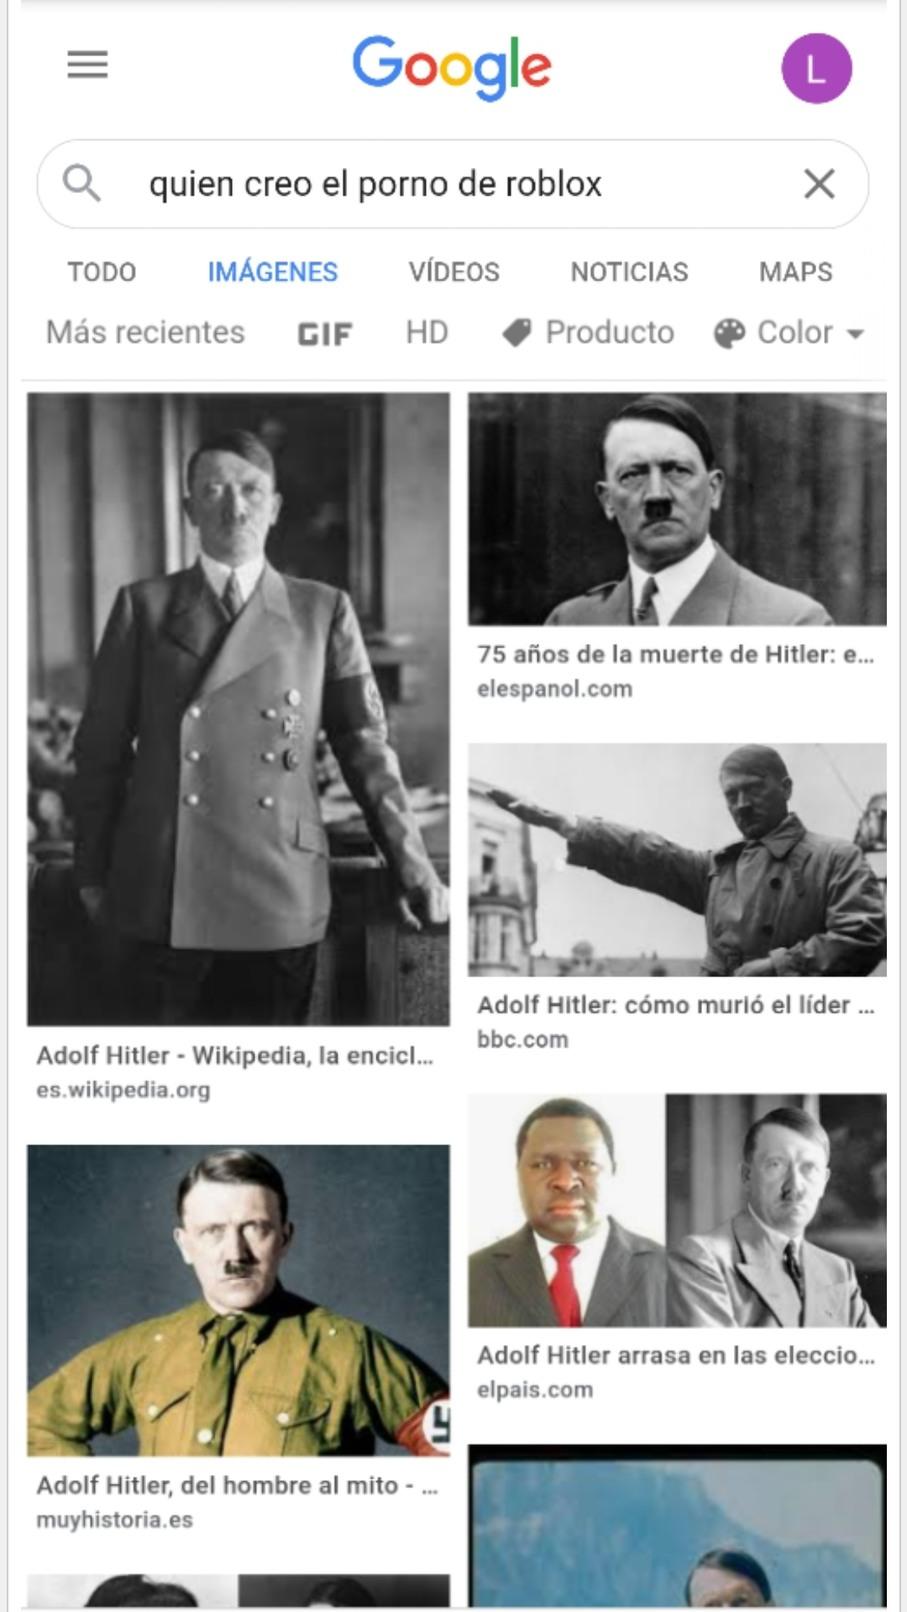 Hitler crea contenido cristiano de roblox - meme